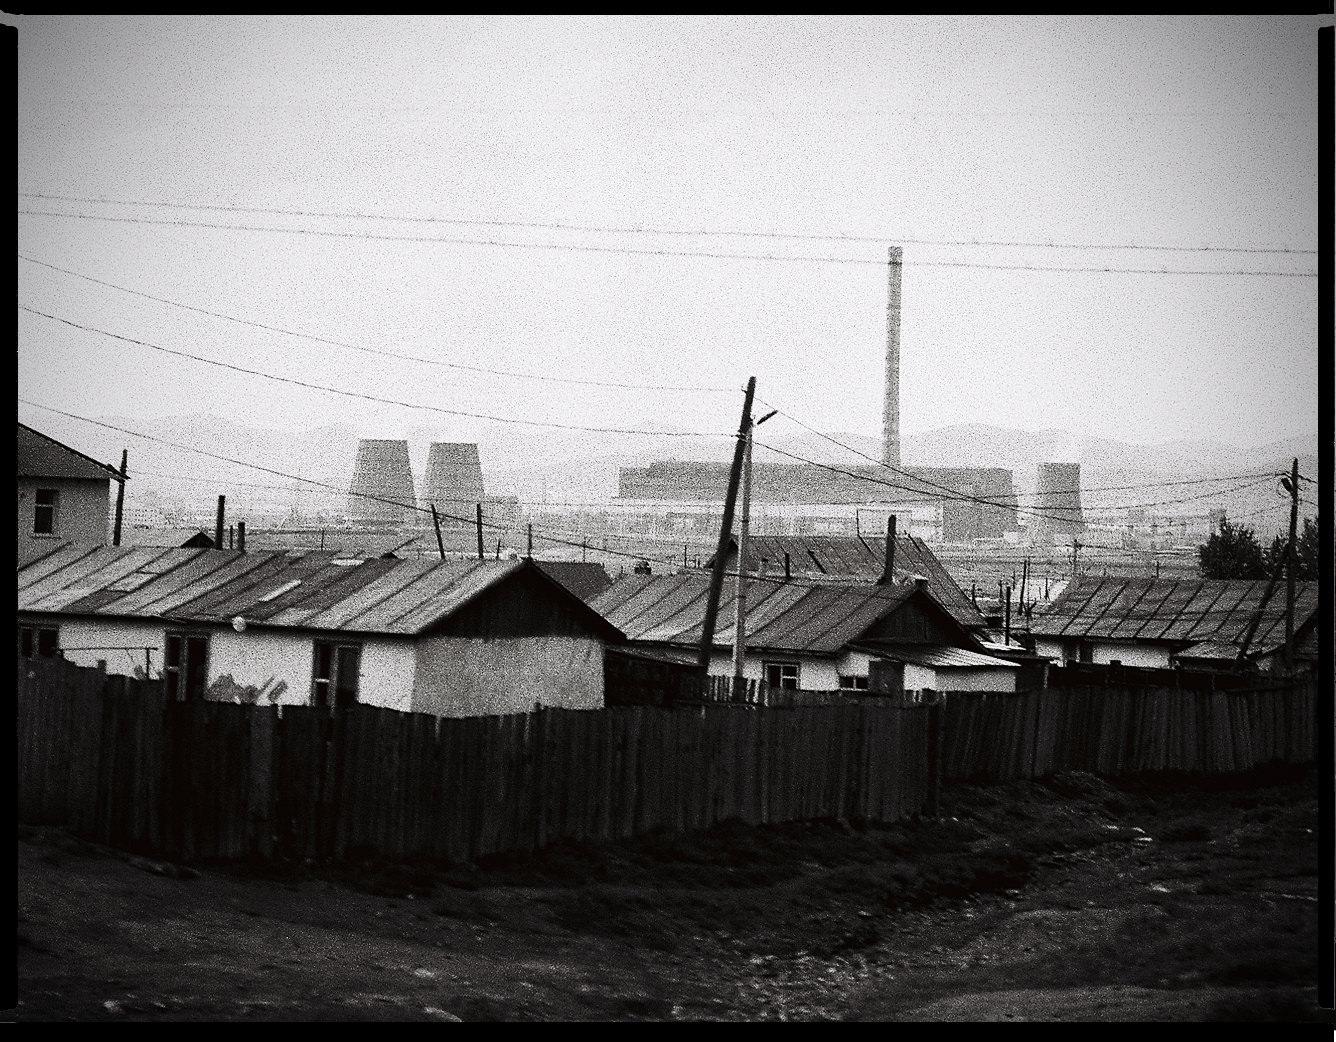 MediumFormatPatrikWallner_Mongolia_UlanBatorDamnLOWQ